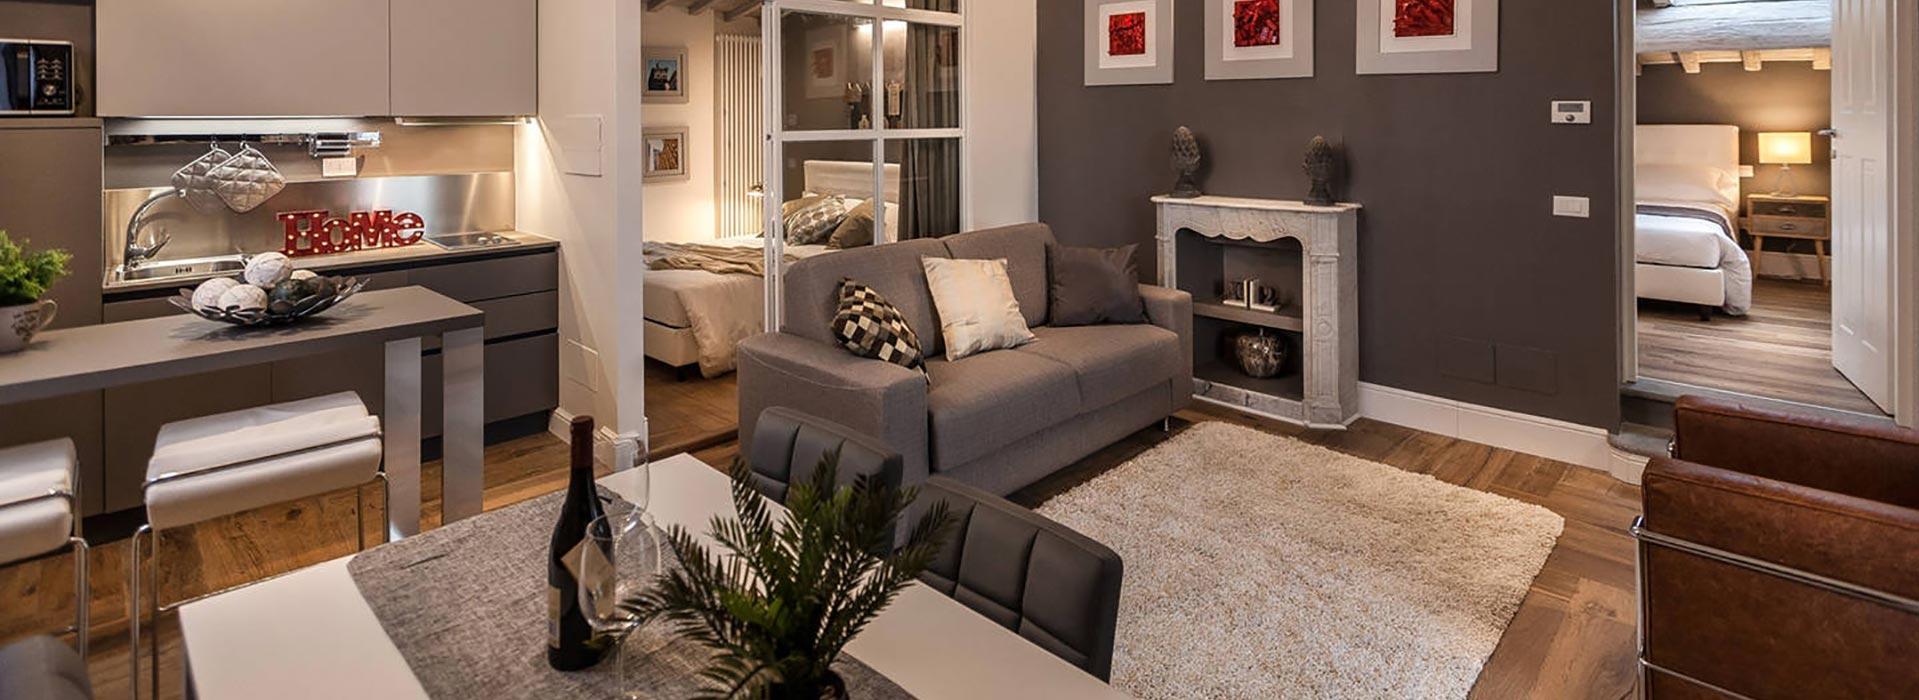 Arredamenti per la casa max mar follonica grosseto for Arredamenti particolari per casa